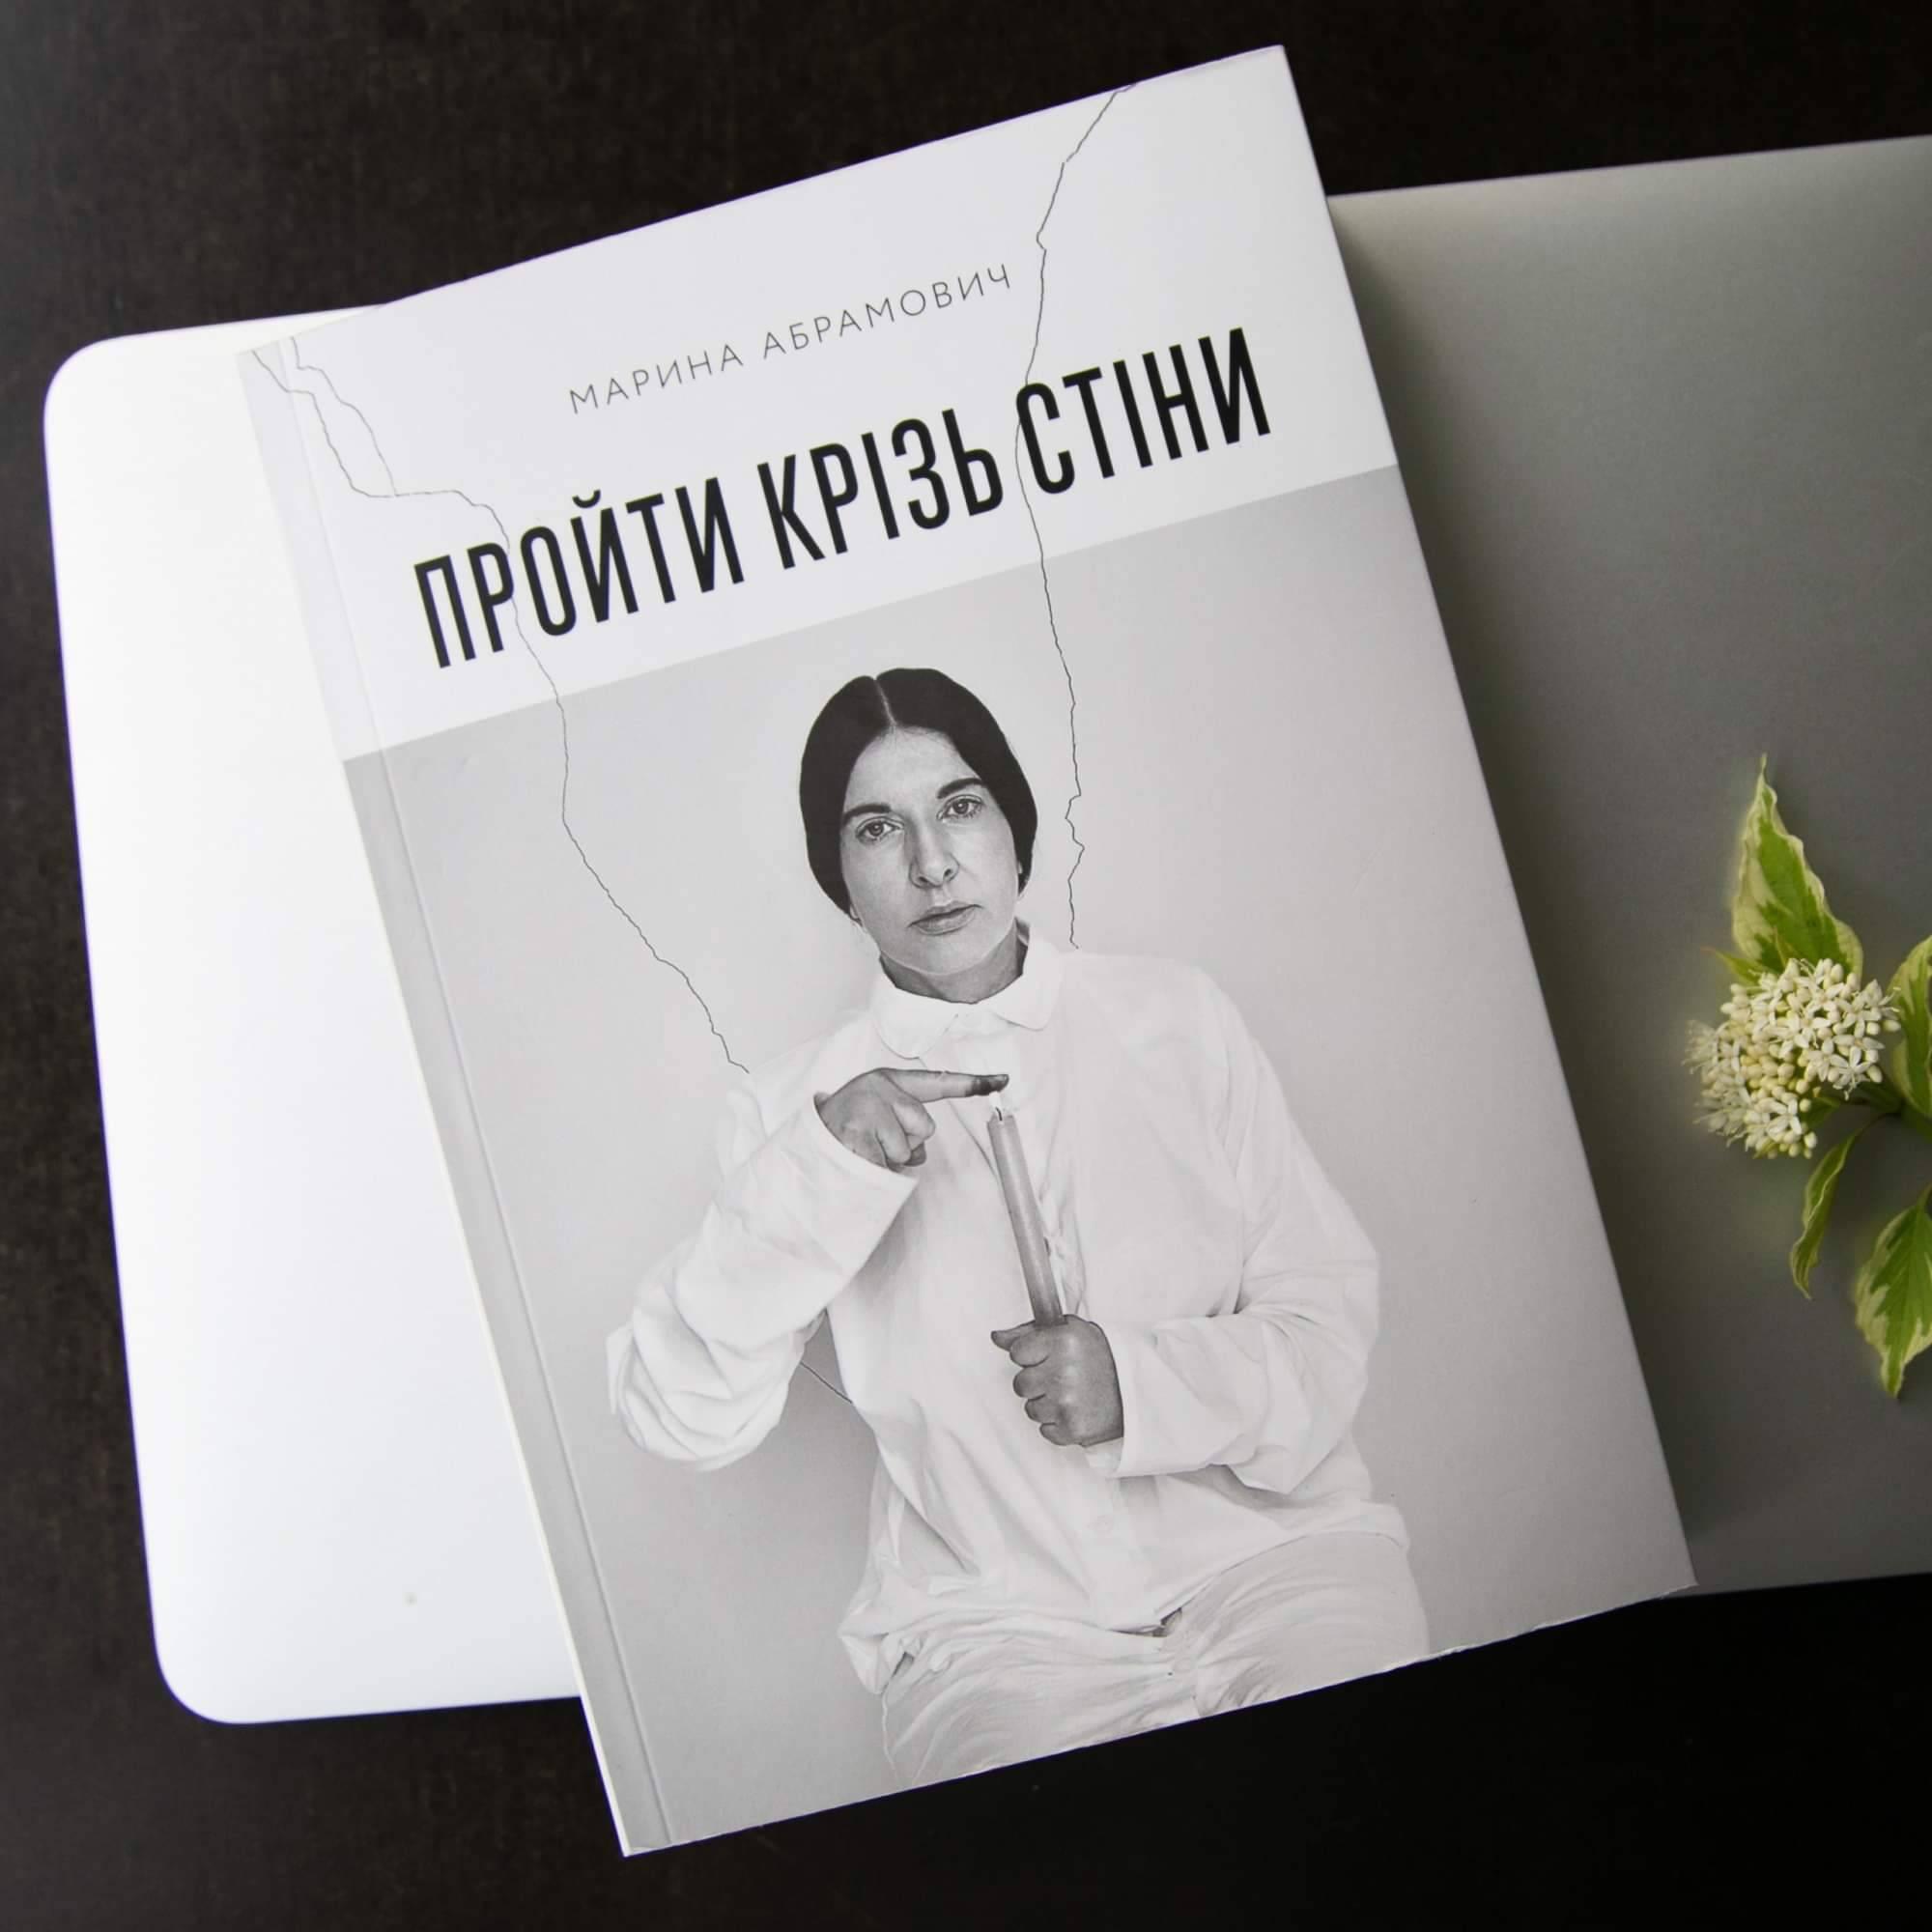 Новий тираж автобіграфії Марини Абрамович